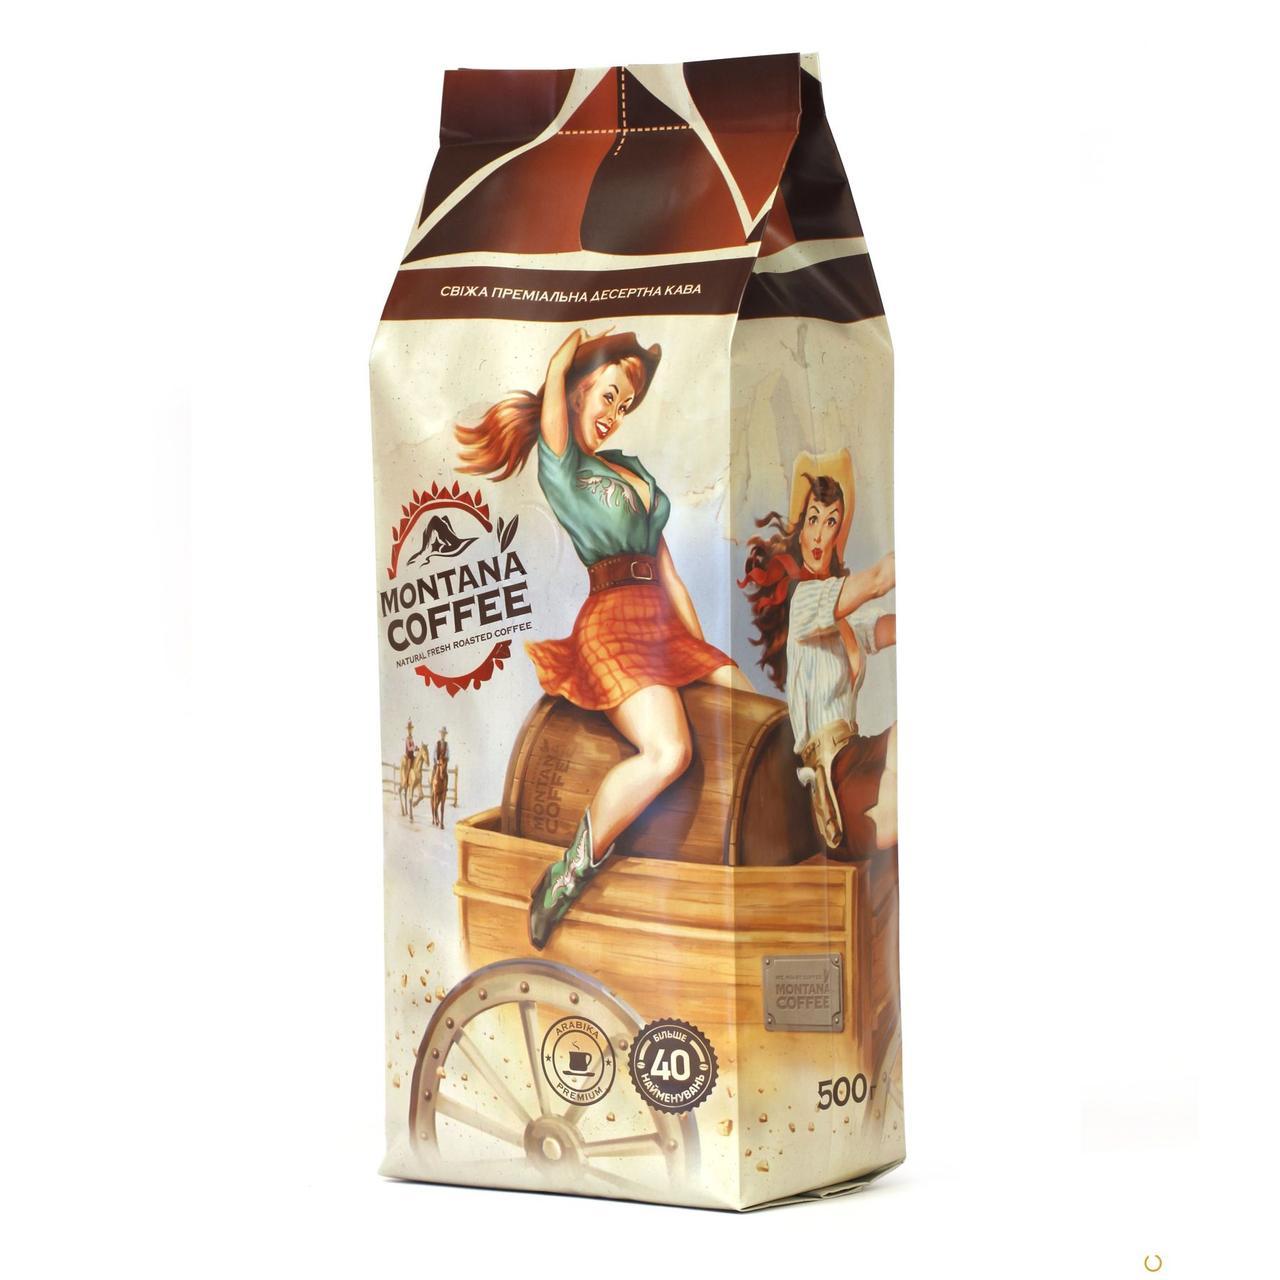 Ароматизированный кофе Montana Coffee Французский ликер